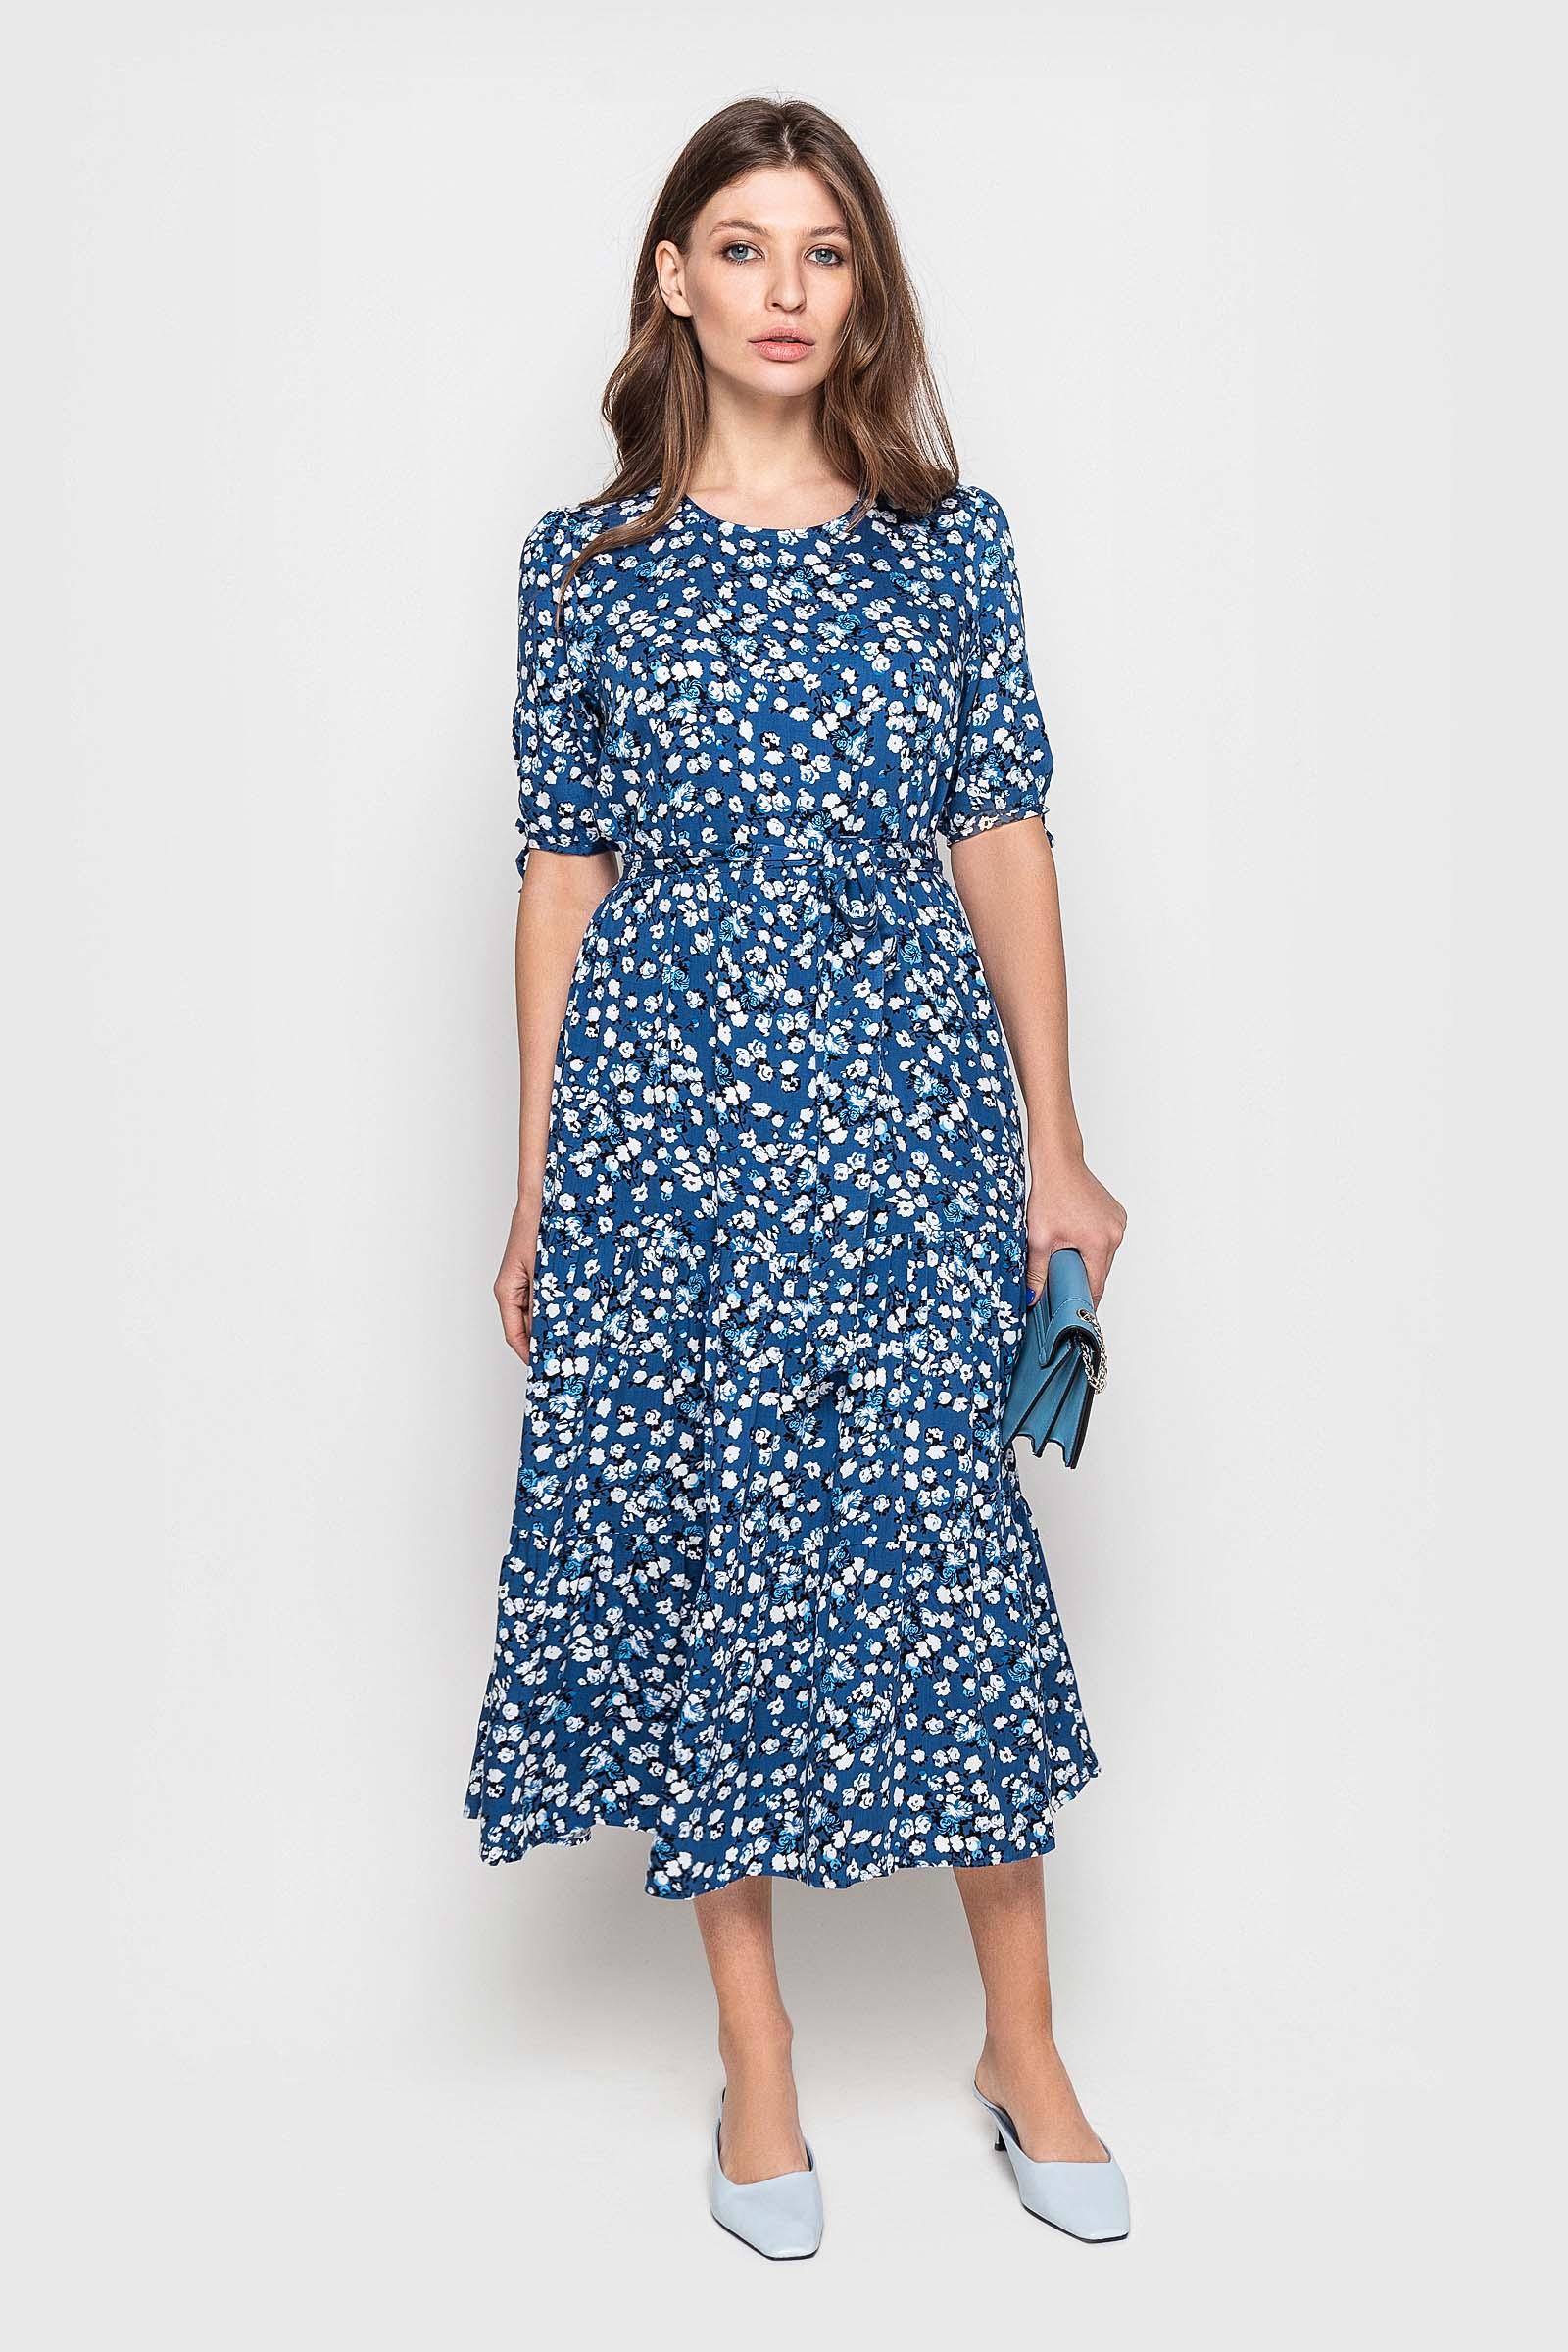 2021 04 10 poltava32008 Купить платье